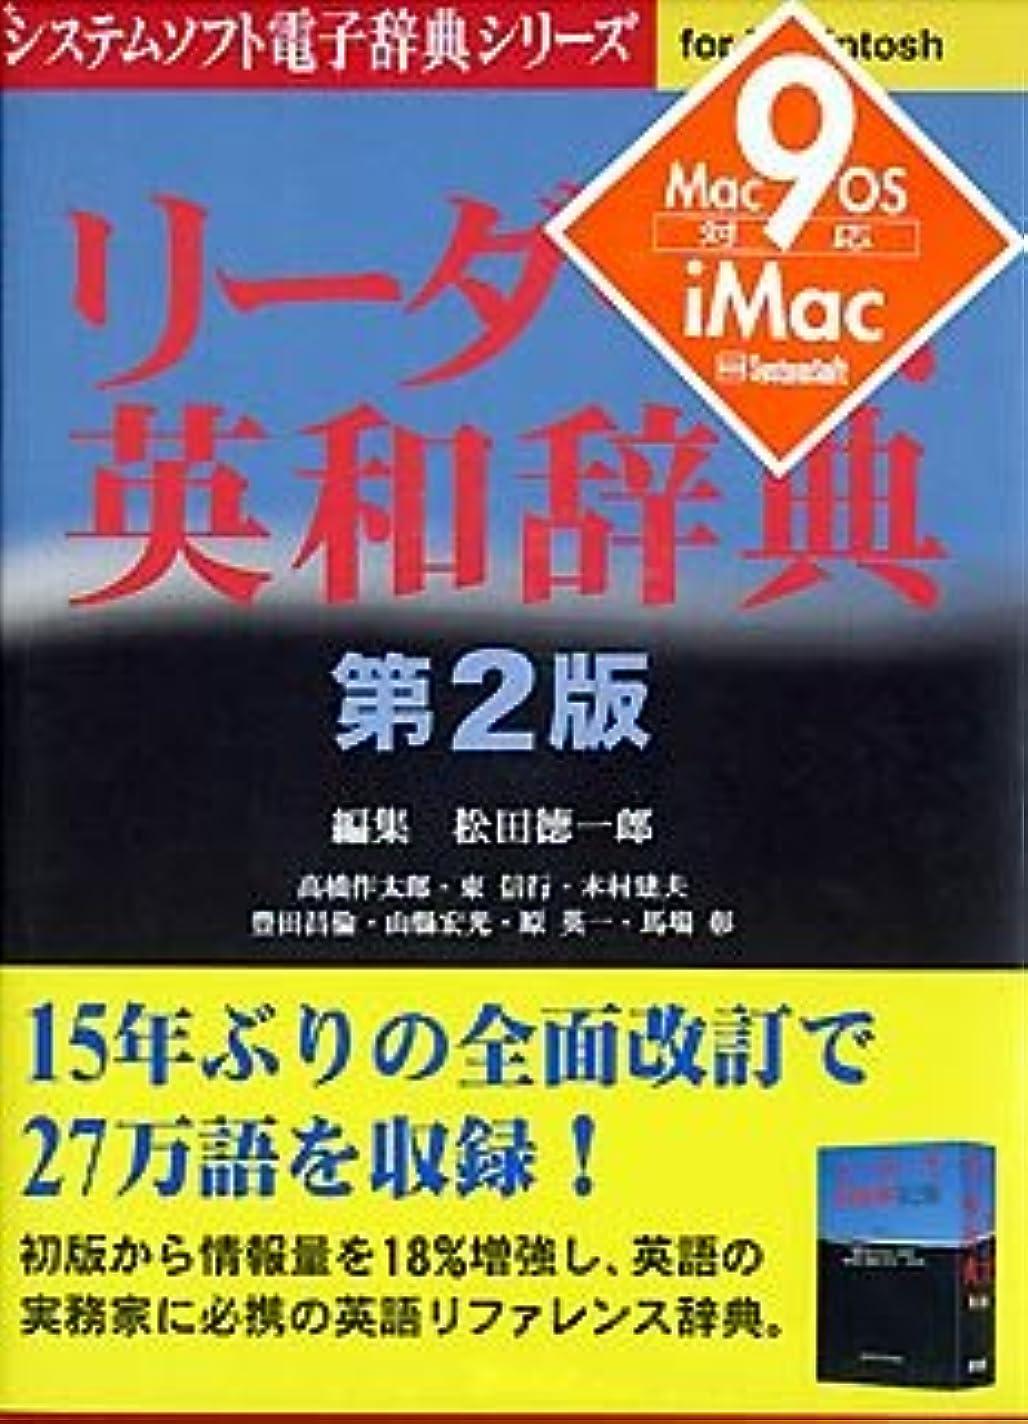 水コーチコンテンツリーダーズ英和辞典 第2版 Ver.3.1 for Macintosh